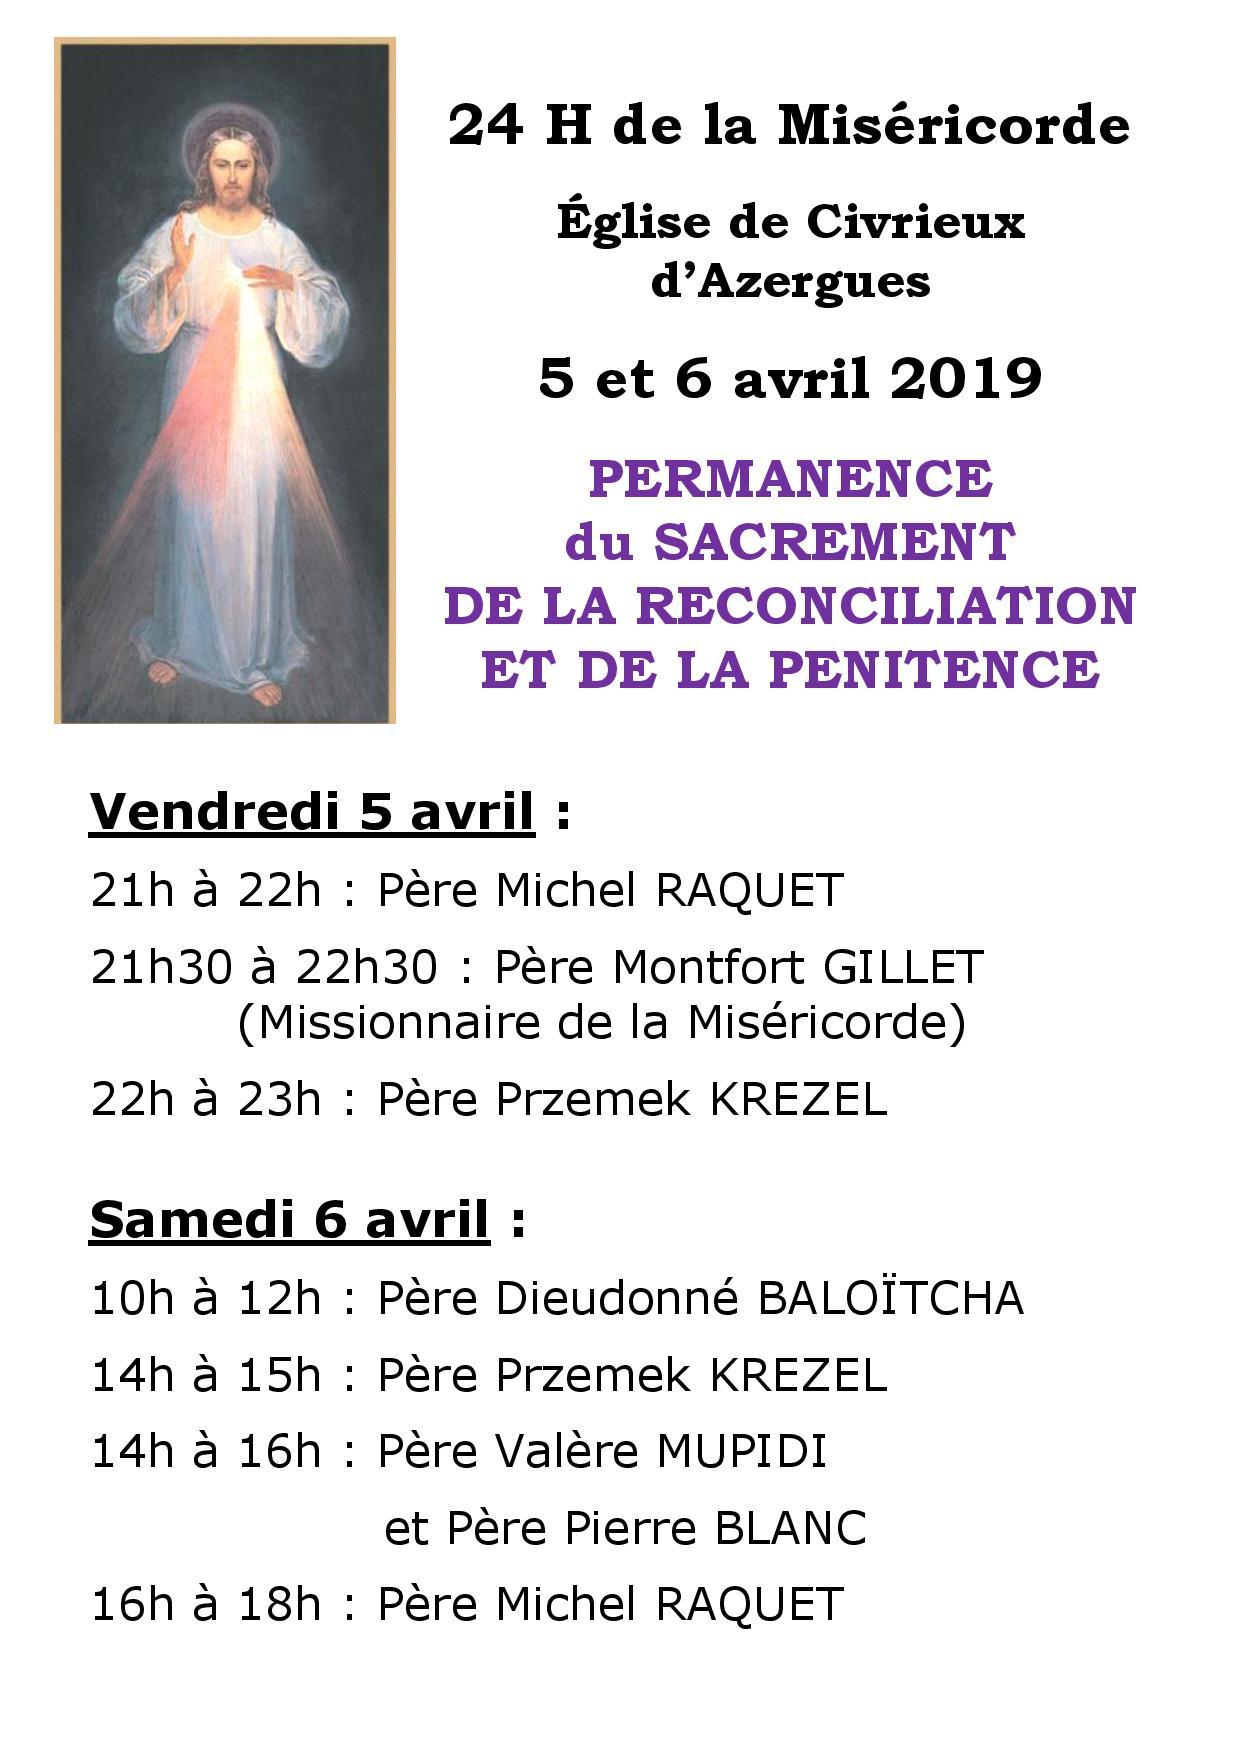 24 H de la Miséricorde Sacrement de la Réconciliation